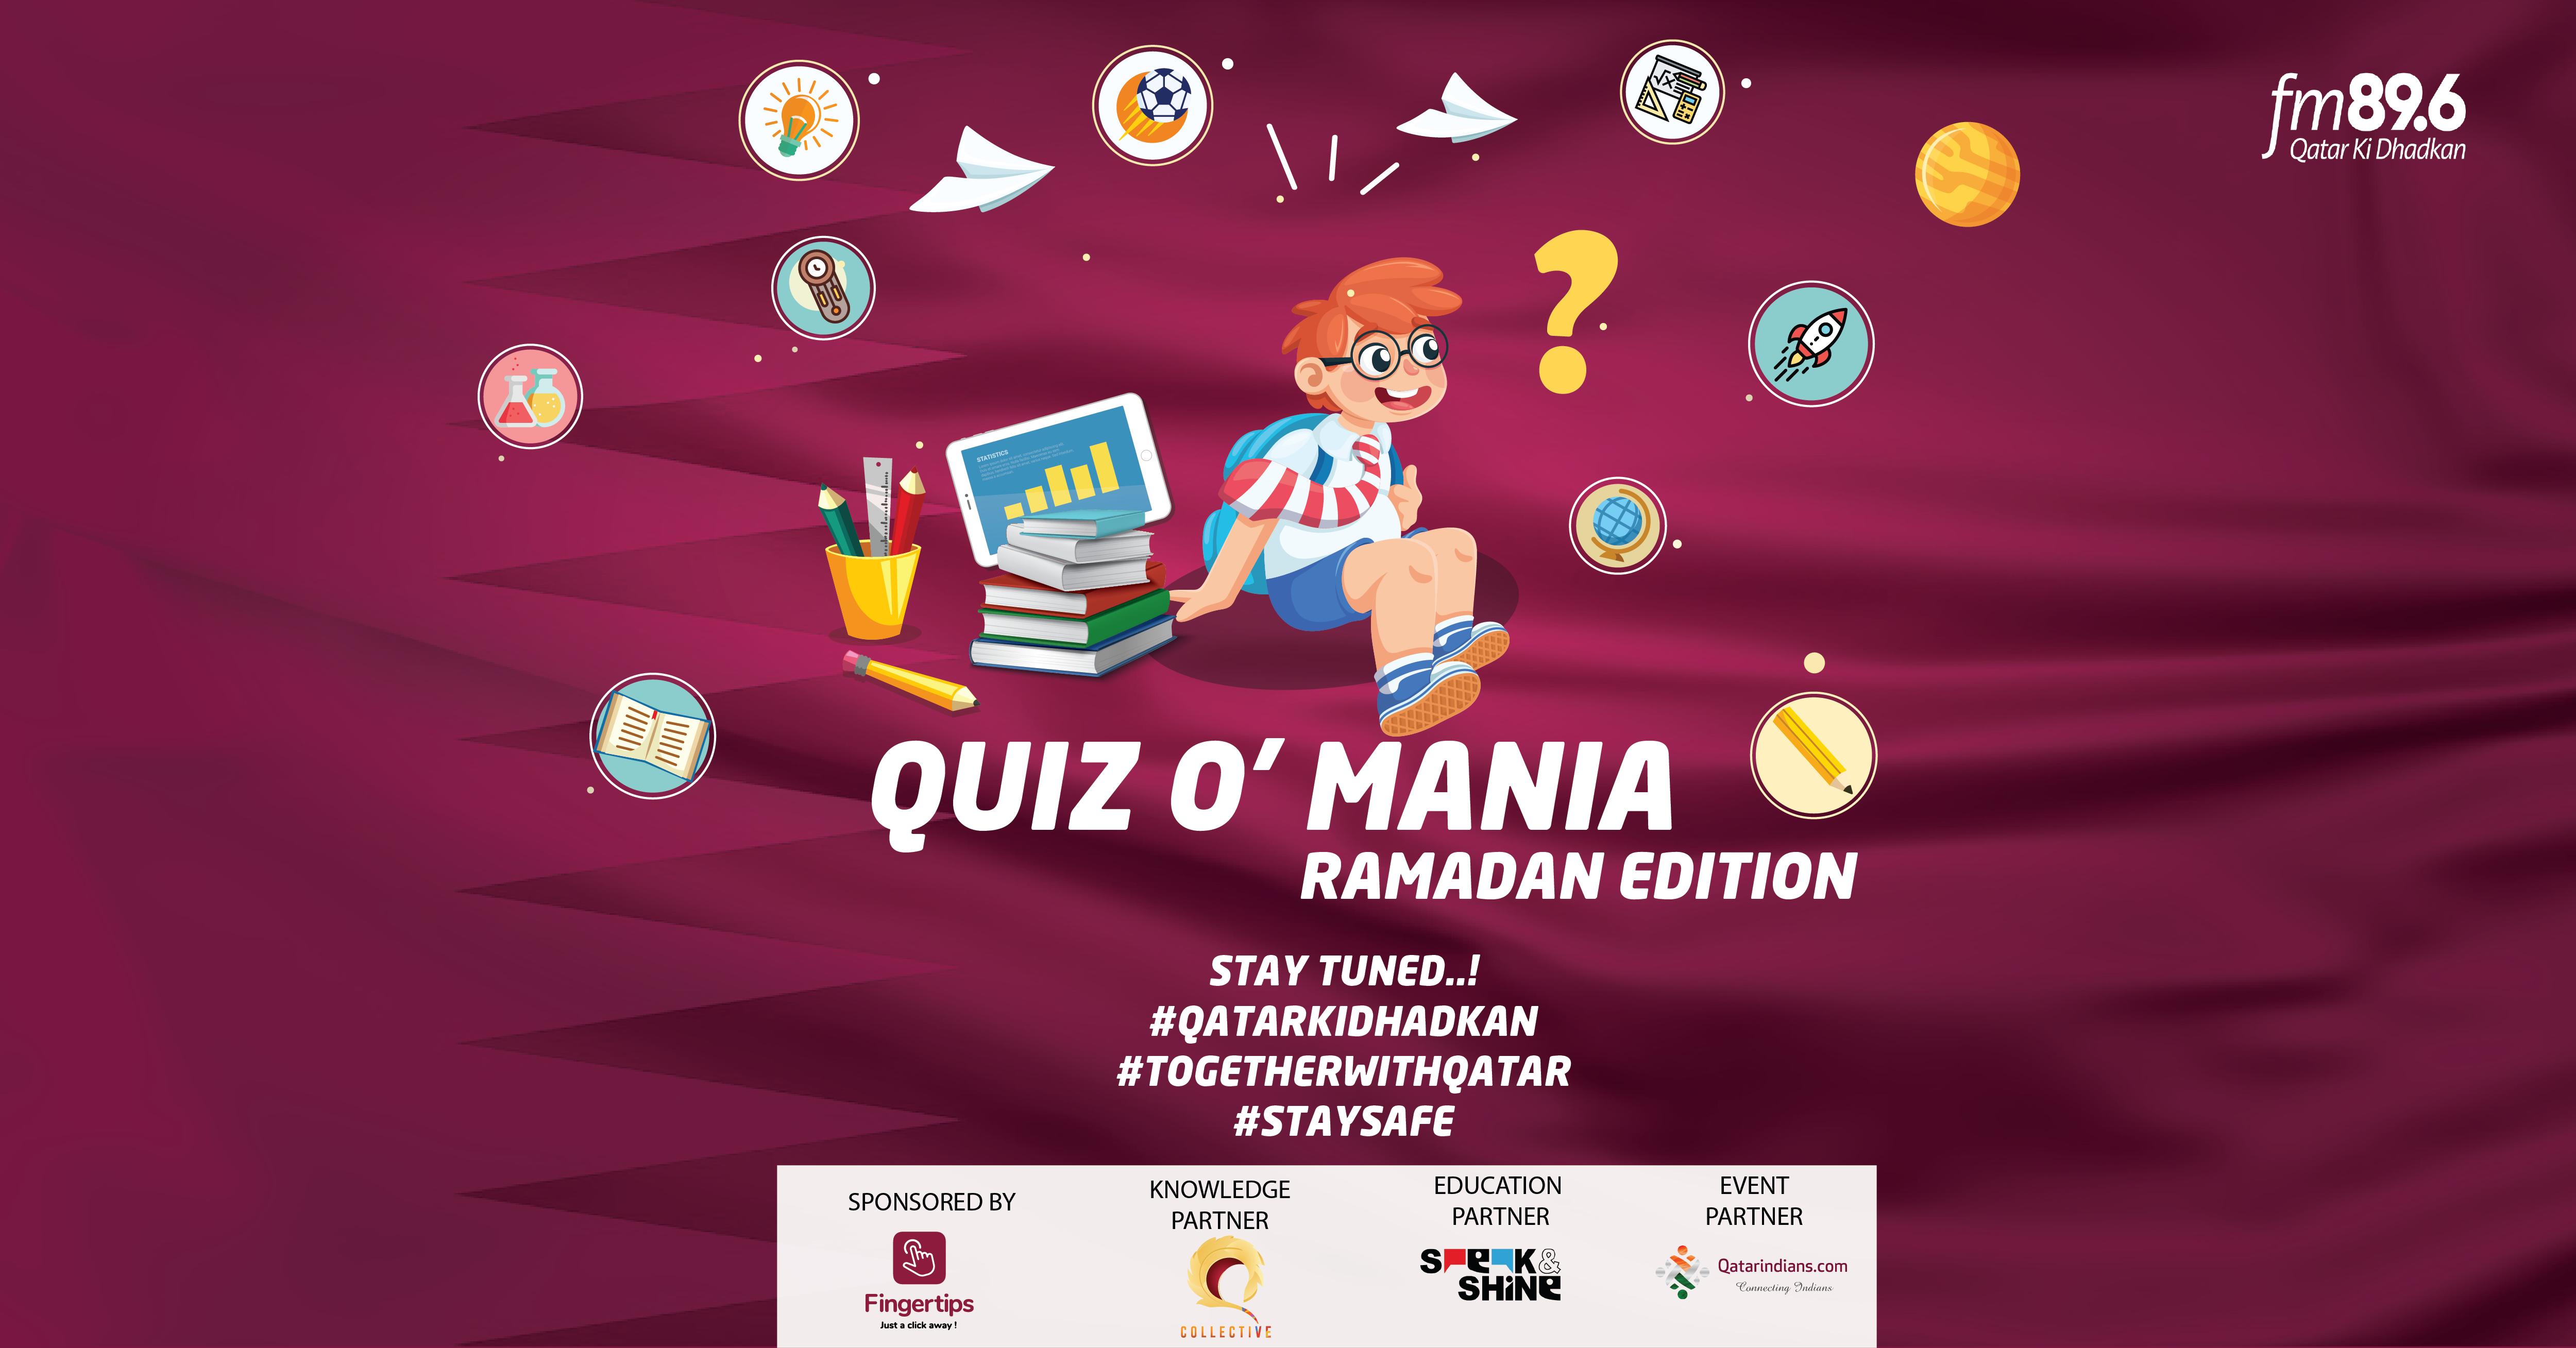 QUIZ O' MANIA – Ramadan Edition 2020 | An initiative by FM 89.6 – QATAR KI DHADKAN